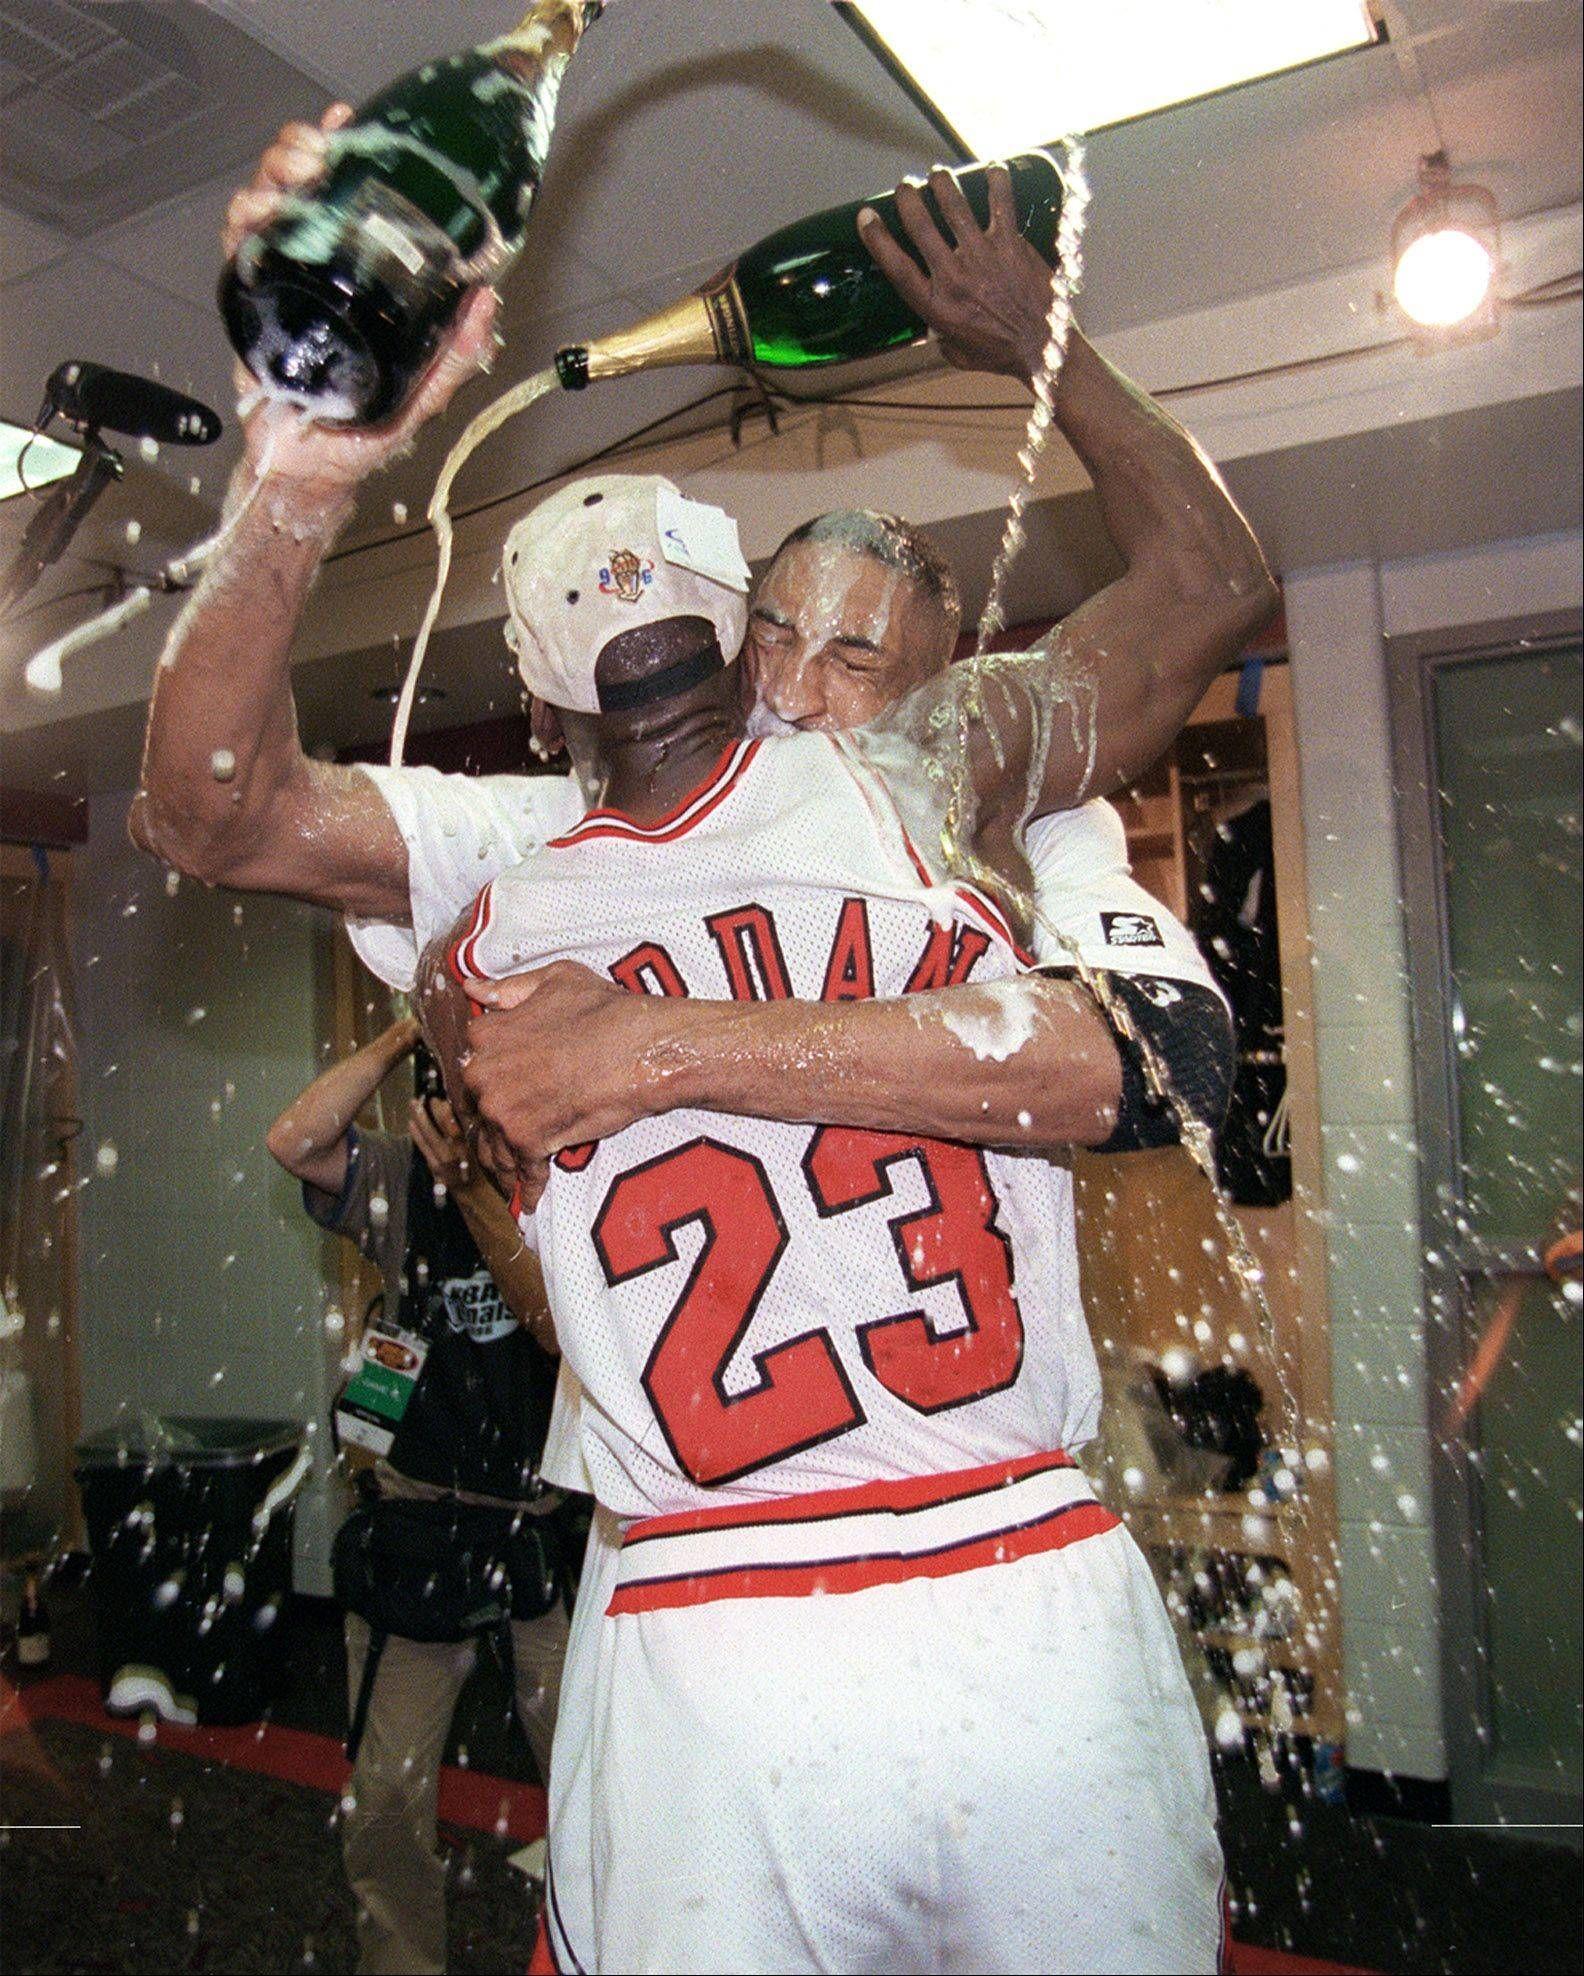 Images Look Back Michael Jordan S Career Michael Jordan Basketball Michael Jordan Pictures Michael Jordan